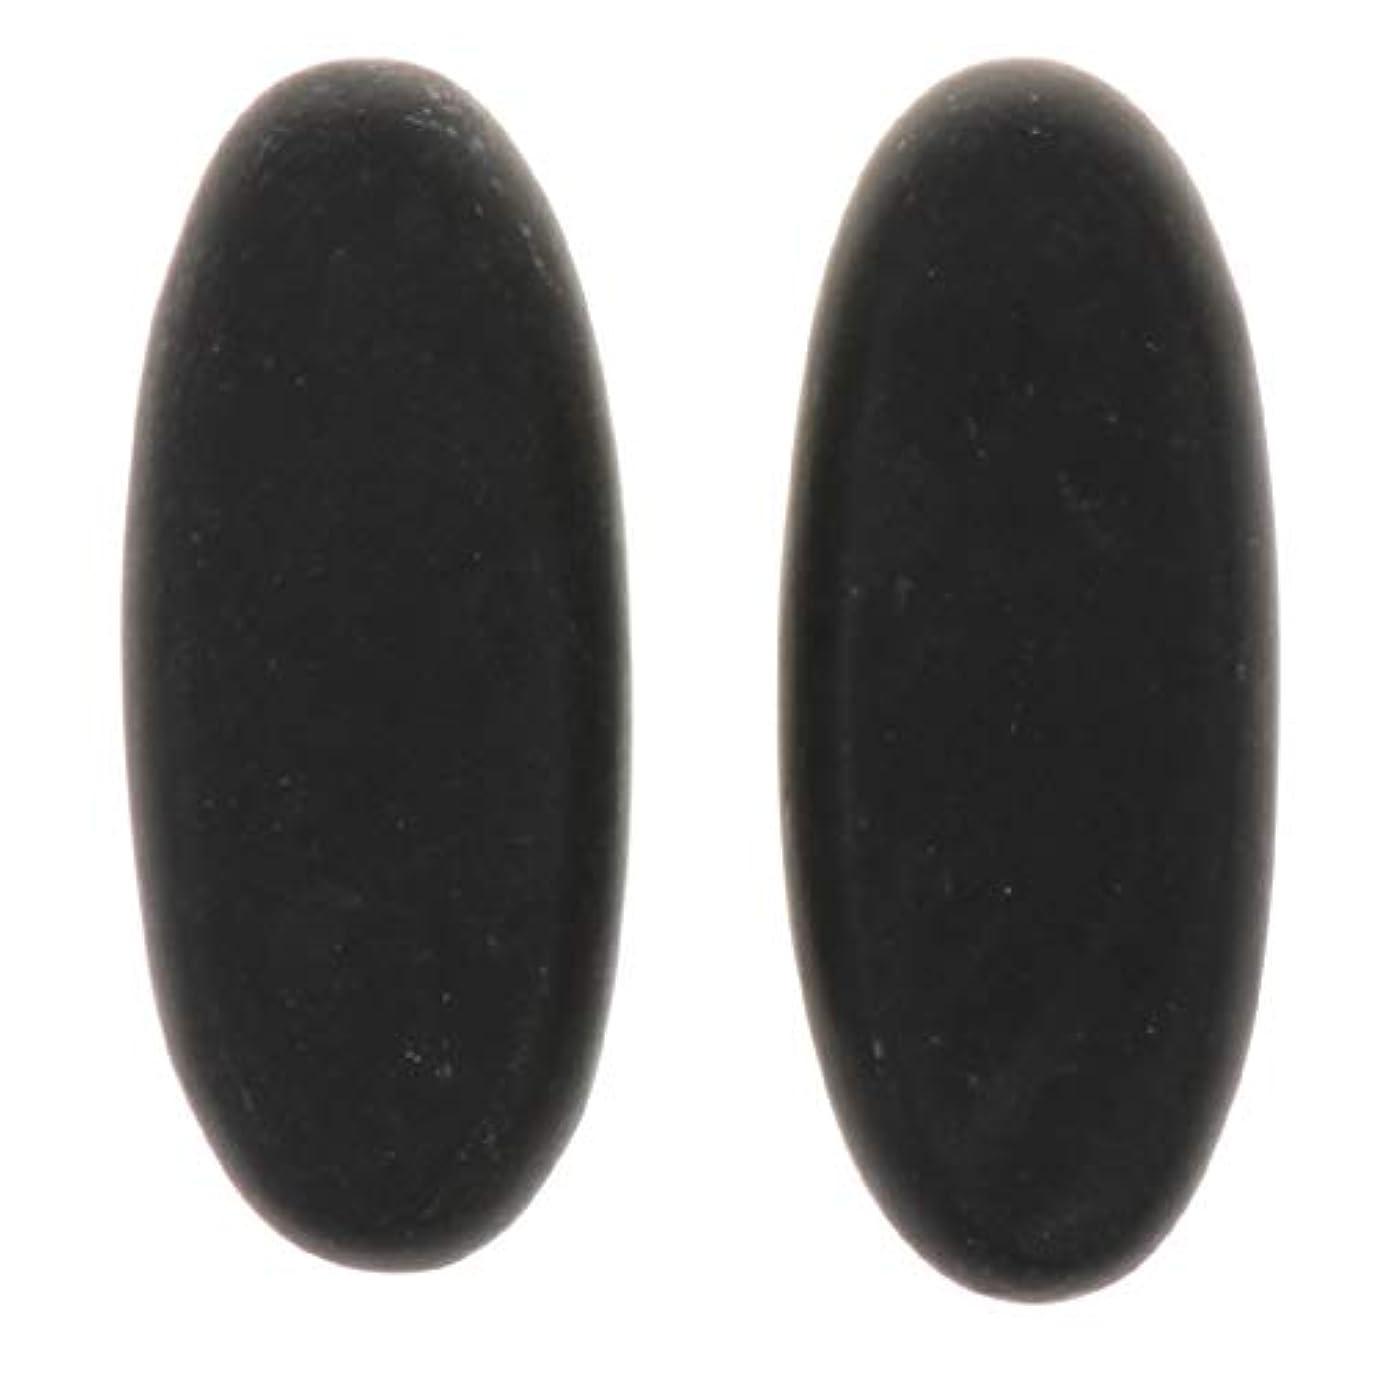 屈辱する外交問題統合するマッサージストーン マッサージ石 天然石ホットストーン マッサージ用玄武岩 ツボ押し SPA 2個 全2サイズ - 8×3.2×1.5cm